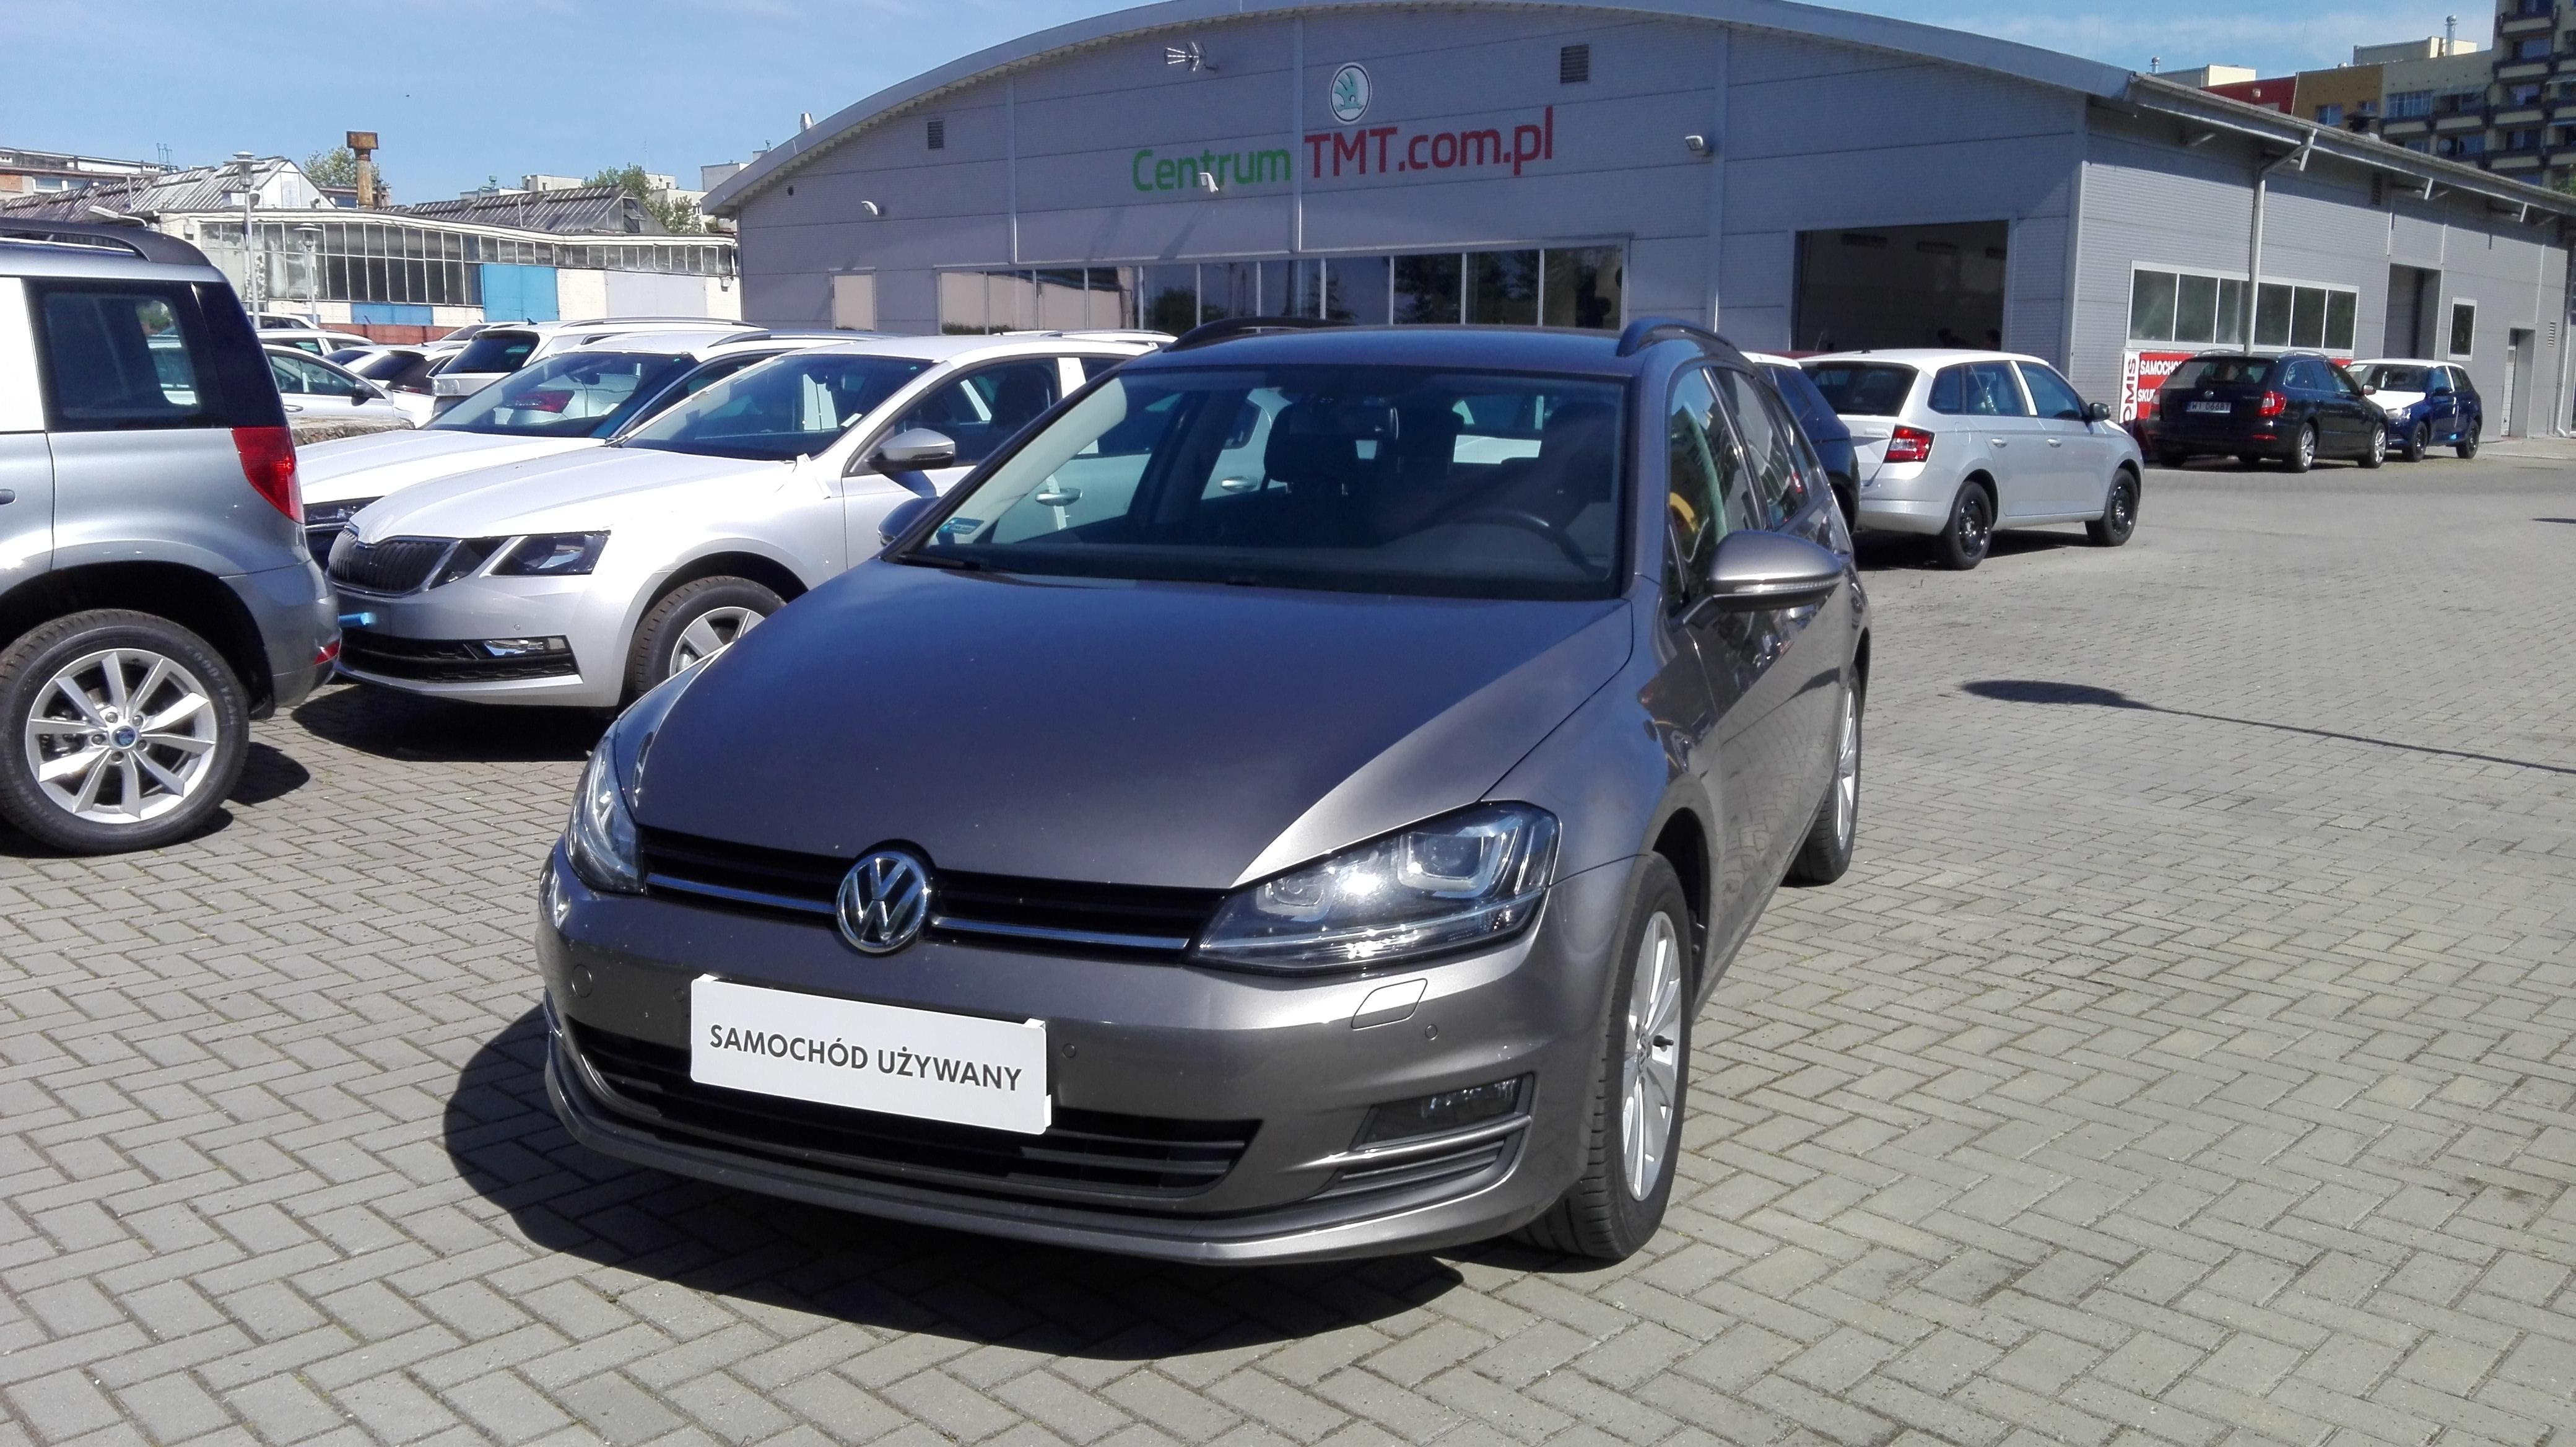 Volkswagen Golv VII, Comfort Line + Business, Ksenon, ASO, I właściciel, Salon PL, VAT